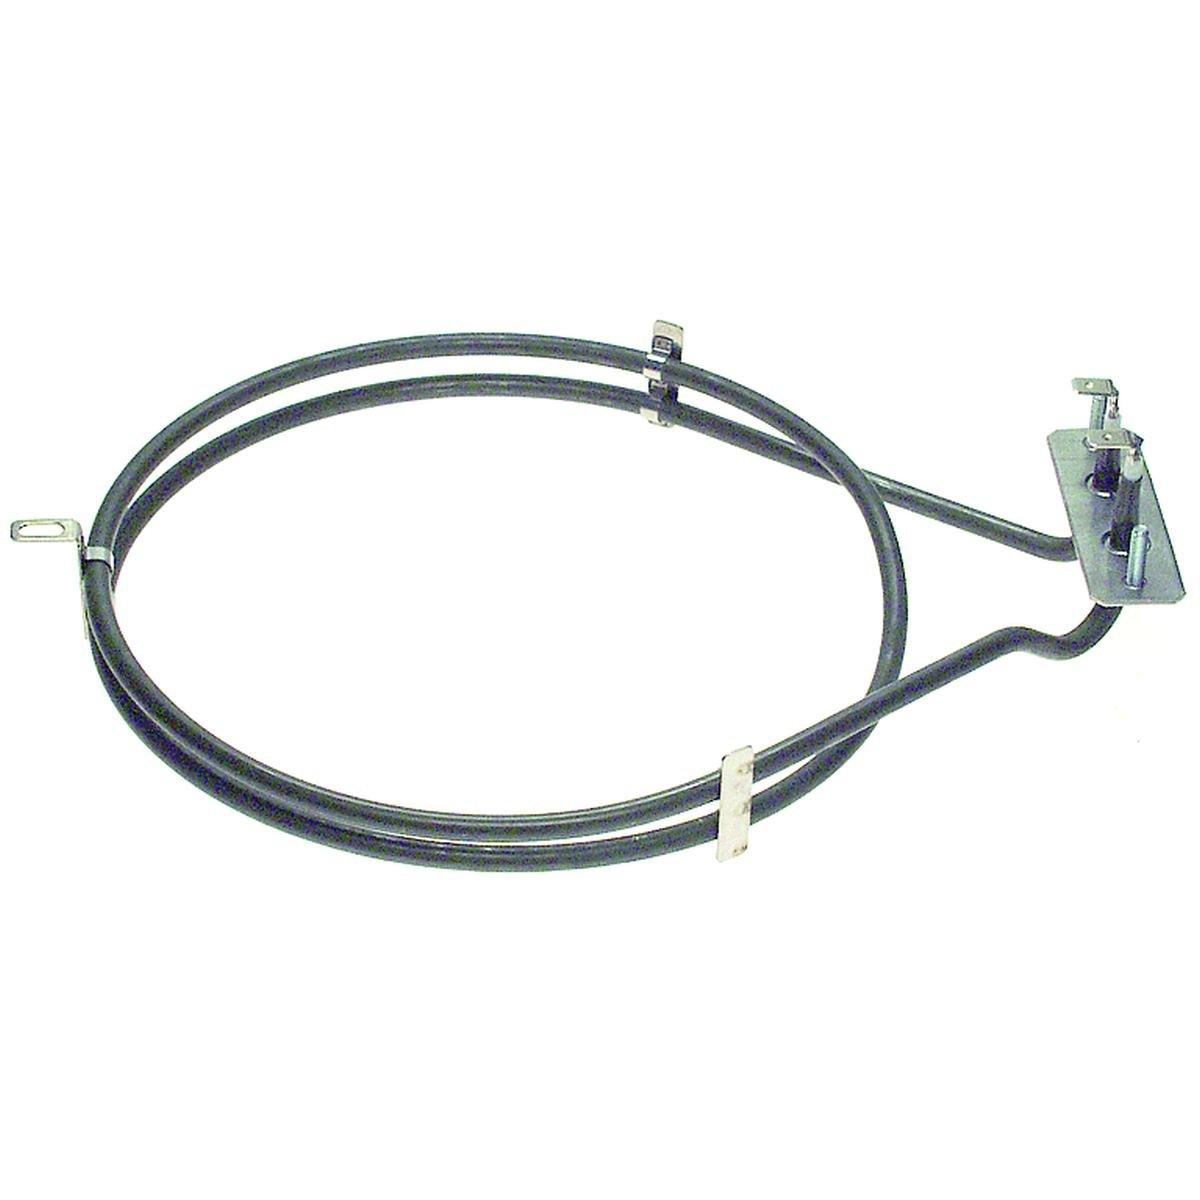 Ringvarmelegeme 2000W 230V